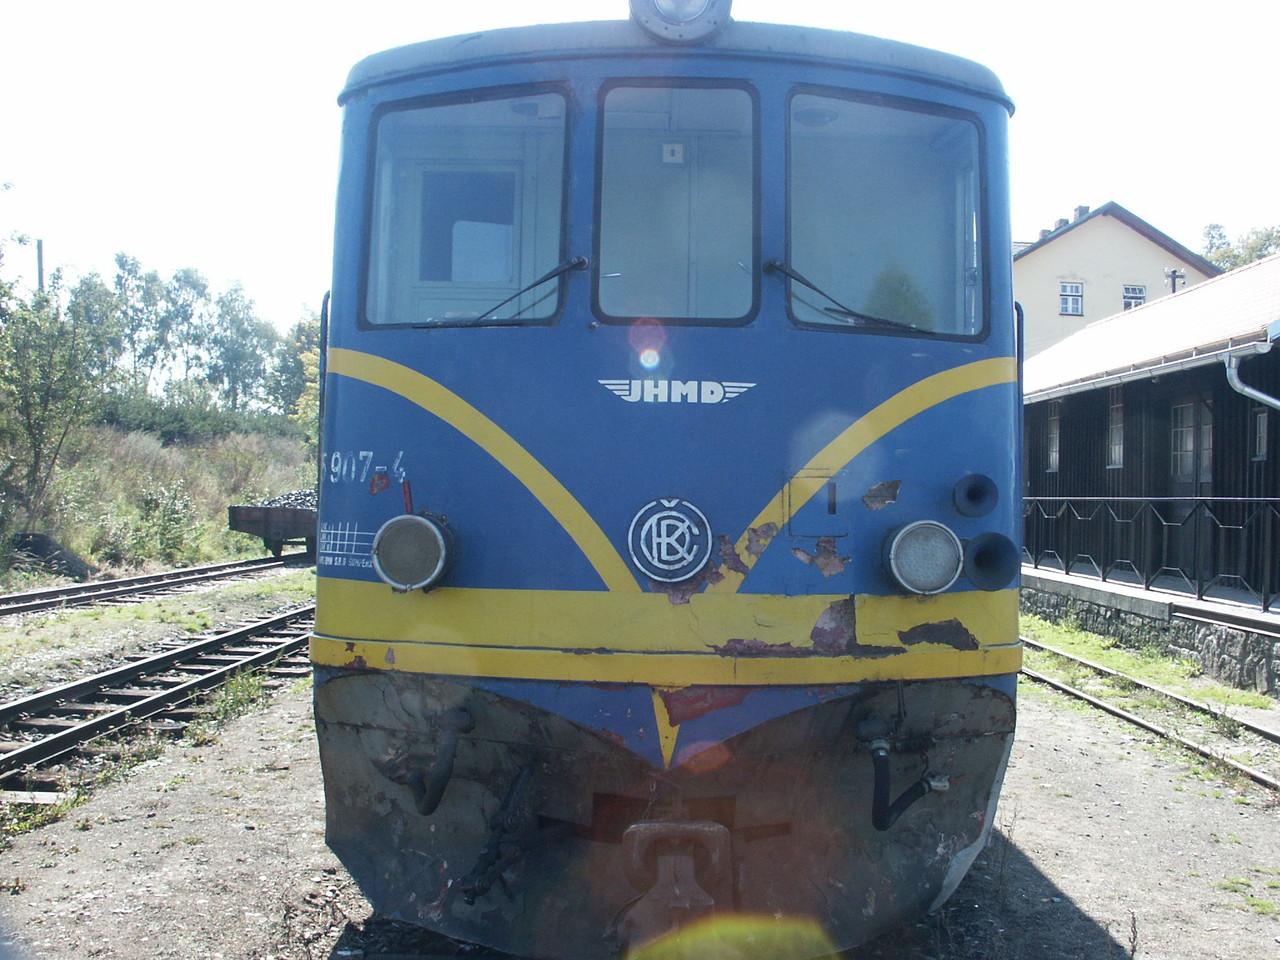 Bahn der JHMD